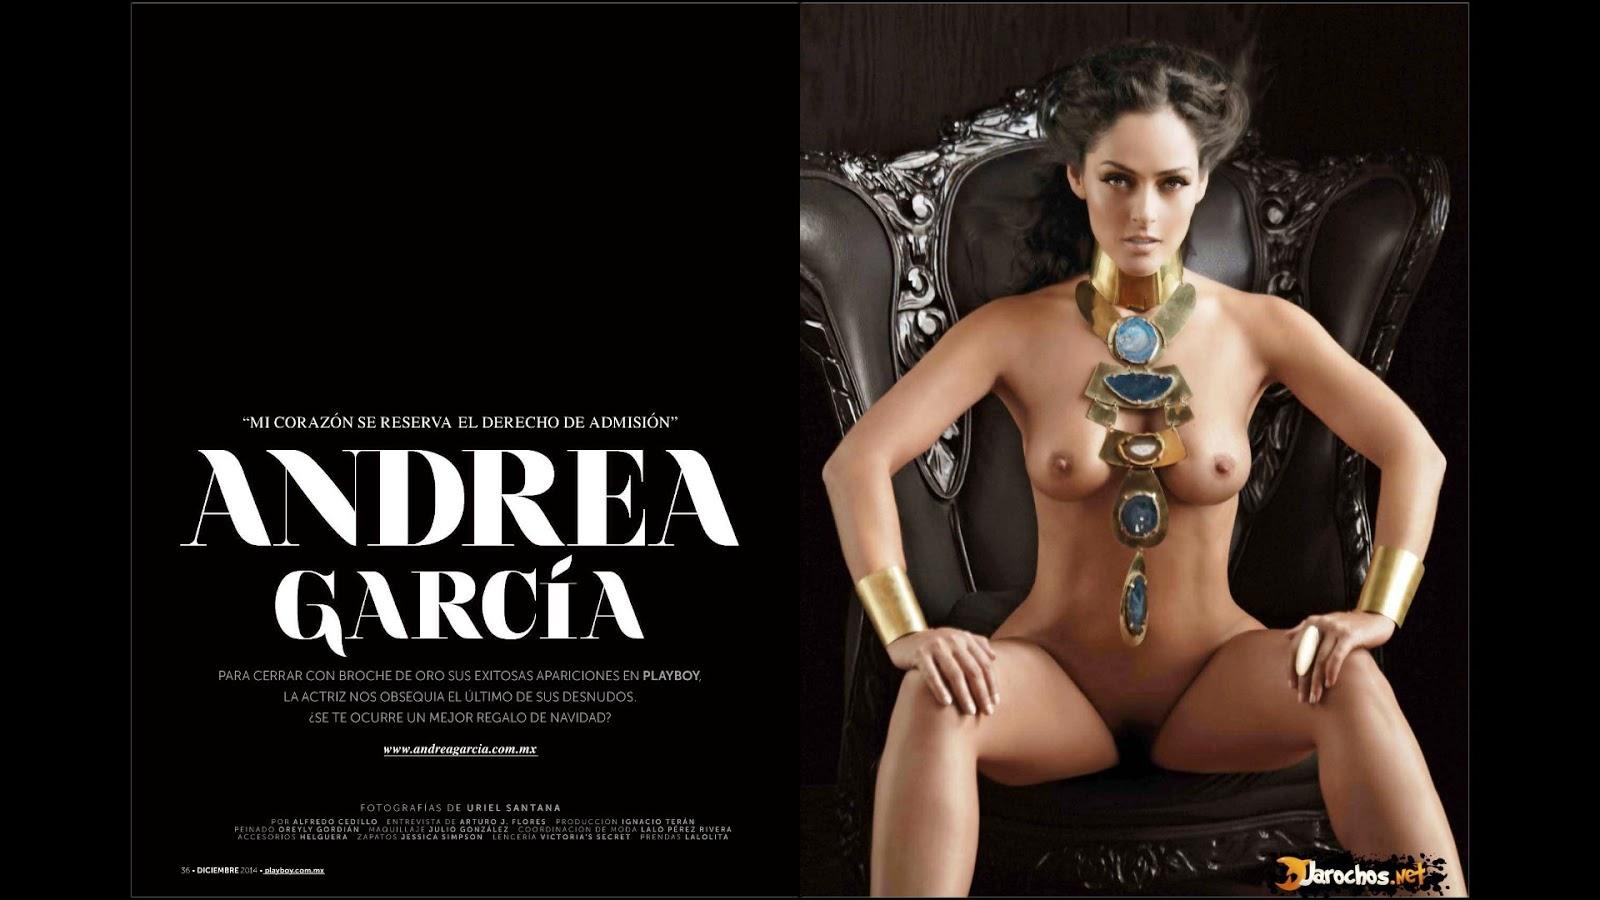 Andrea García Al Desnudo estos fueron los desnudos de #andreagarcia para #playboy